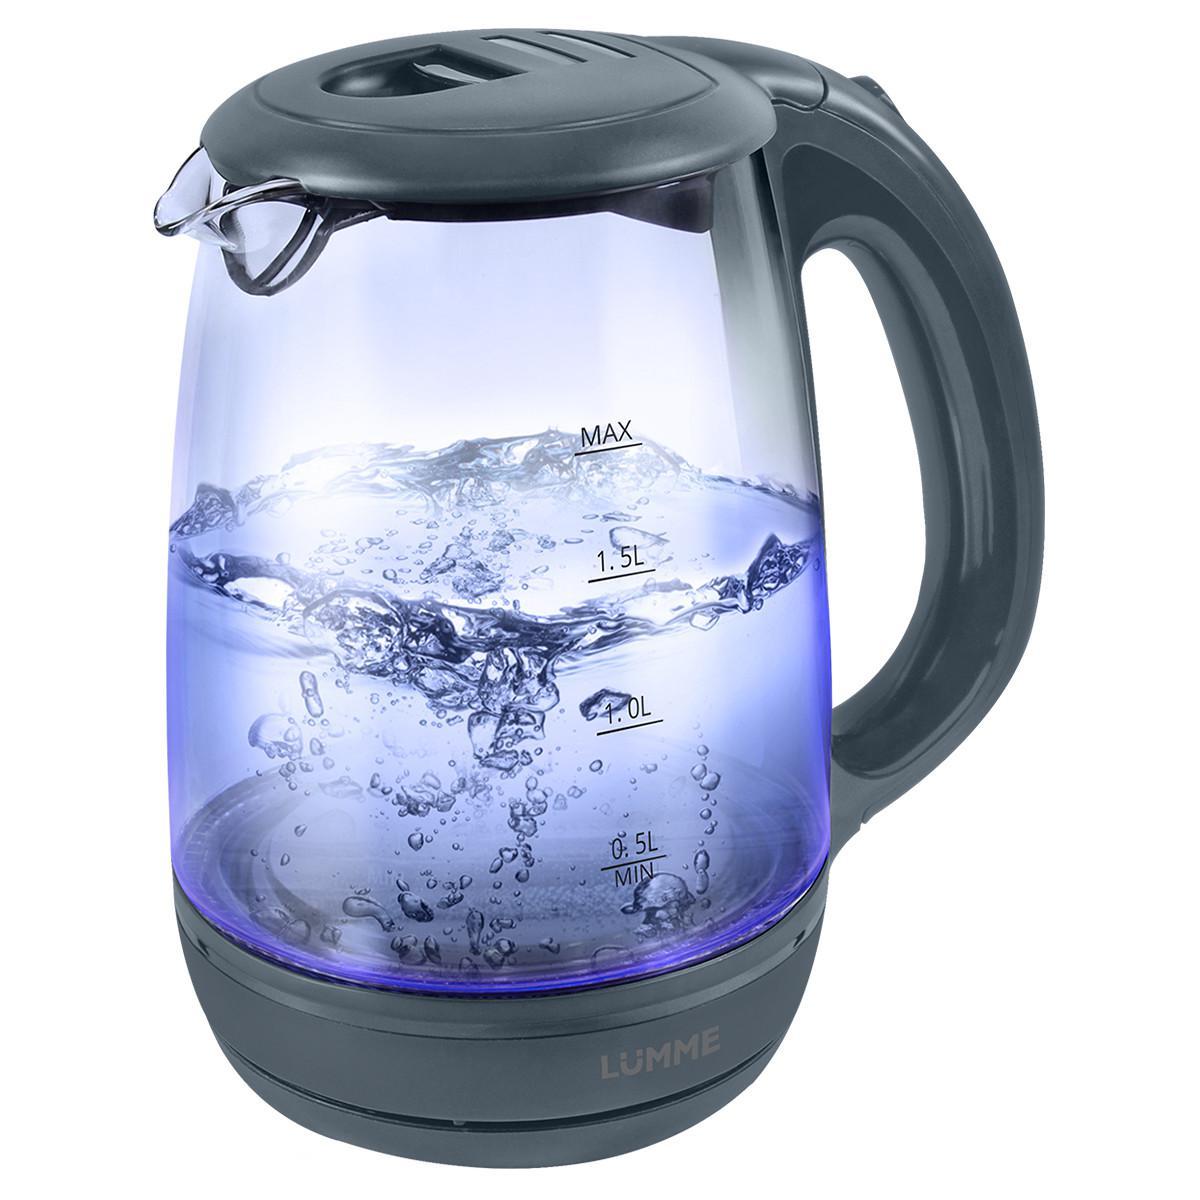 Чайник Lumme Lu-134 серый жемчуг чайник lumme lu 134 2200 вт черный жемчуг 2 л стекло